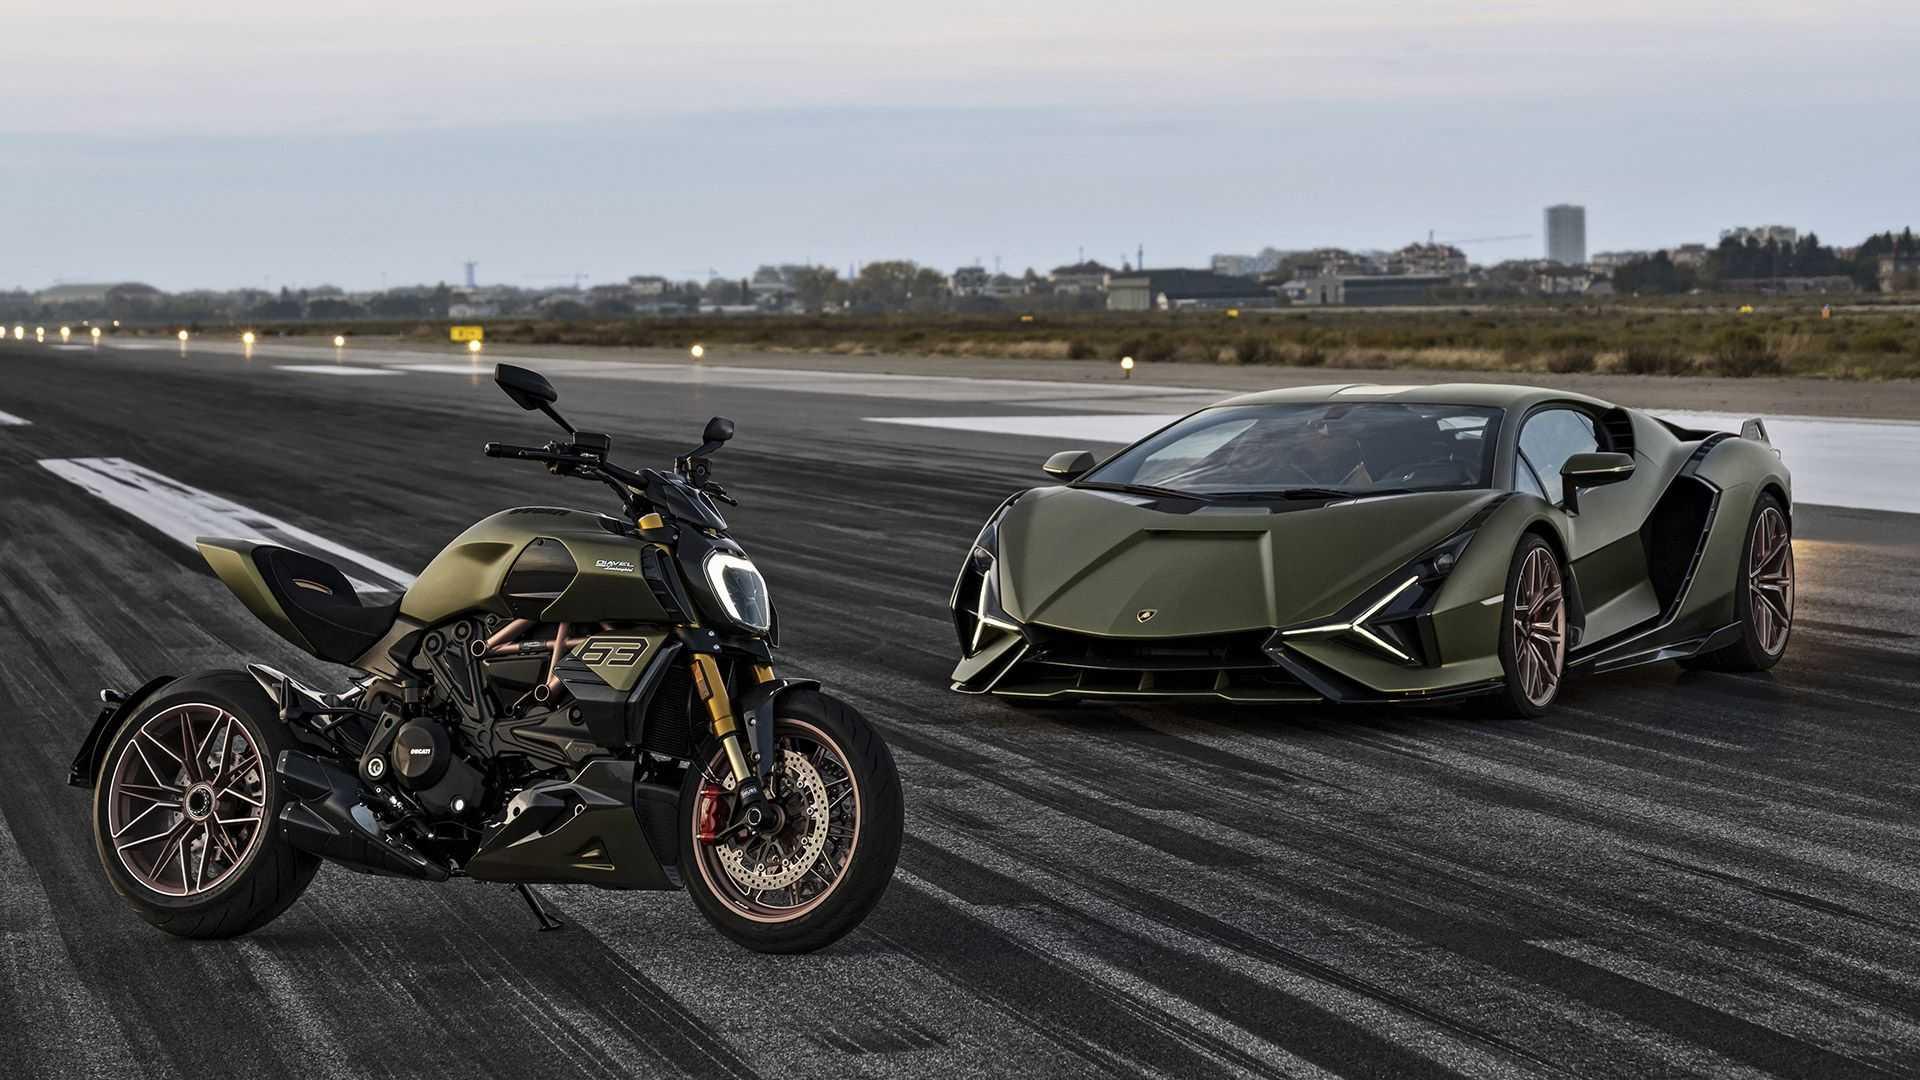 2021 Ducati Diavel 1260 Lamborghini First Look